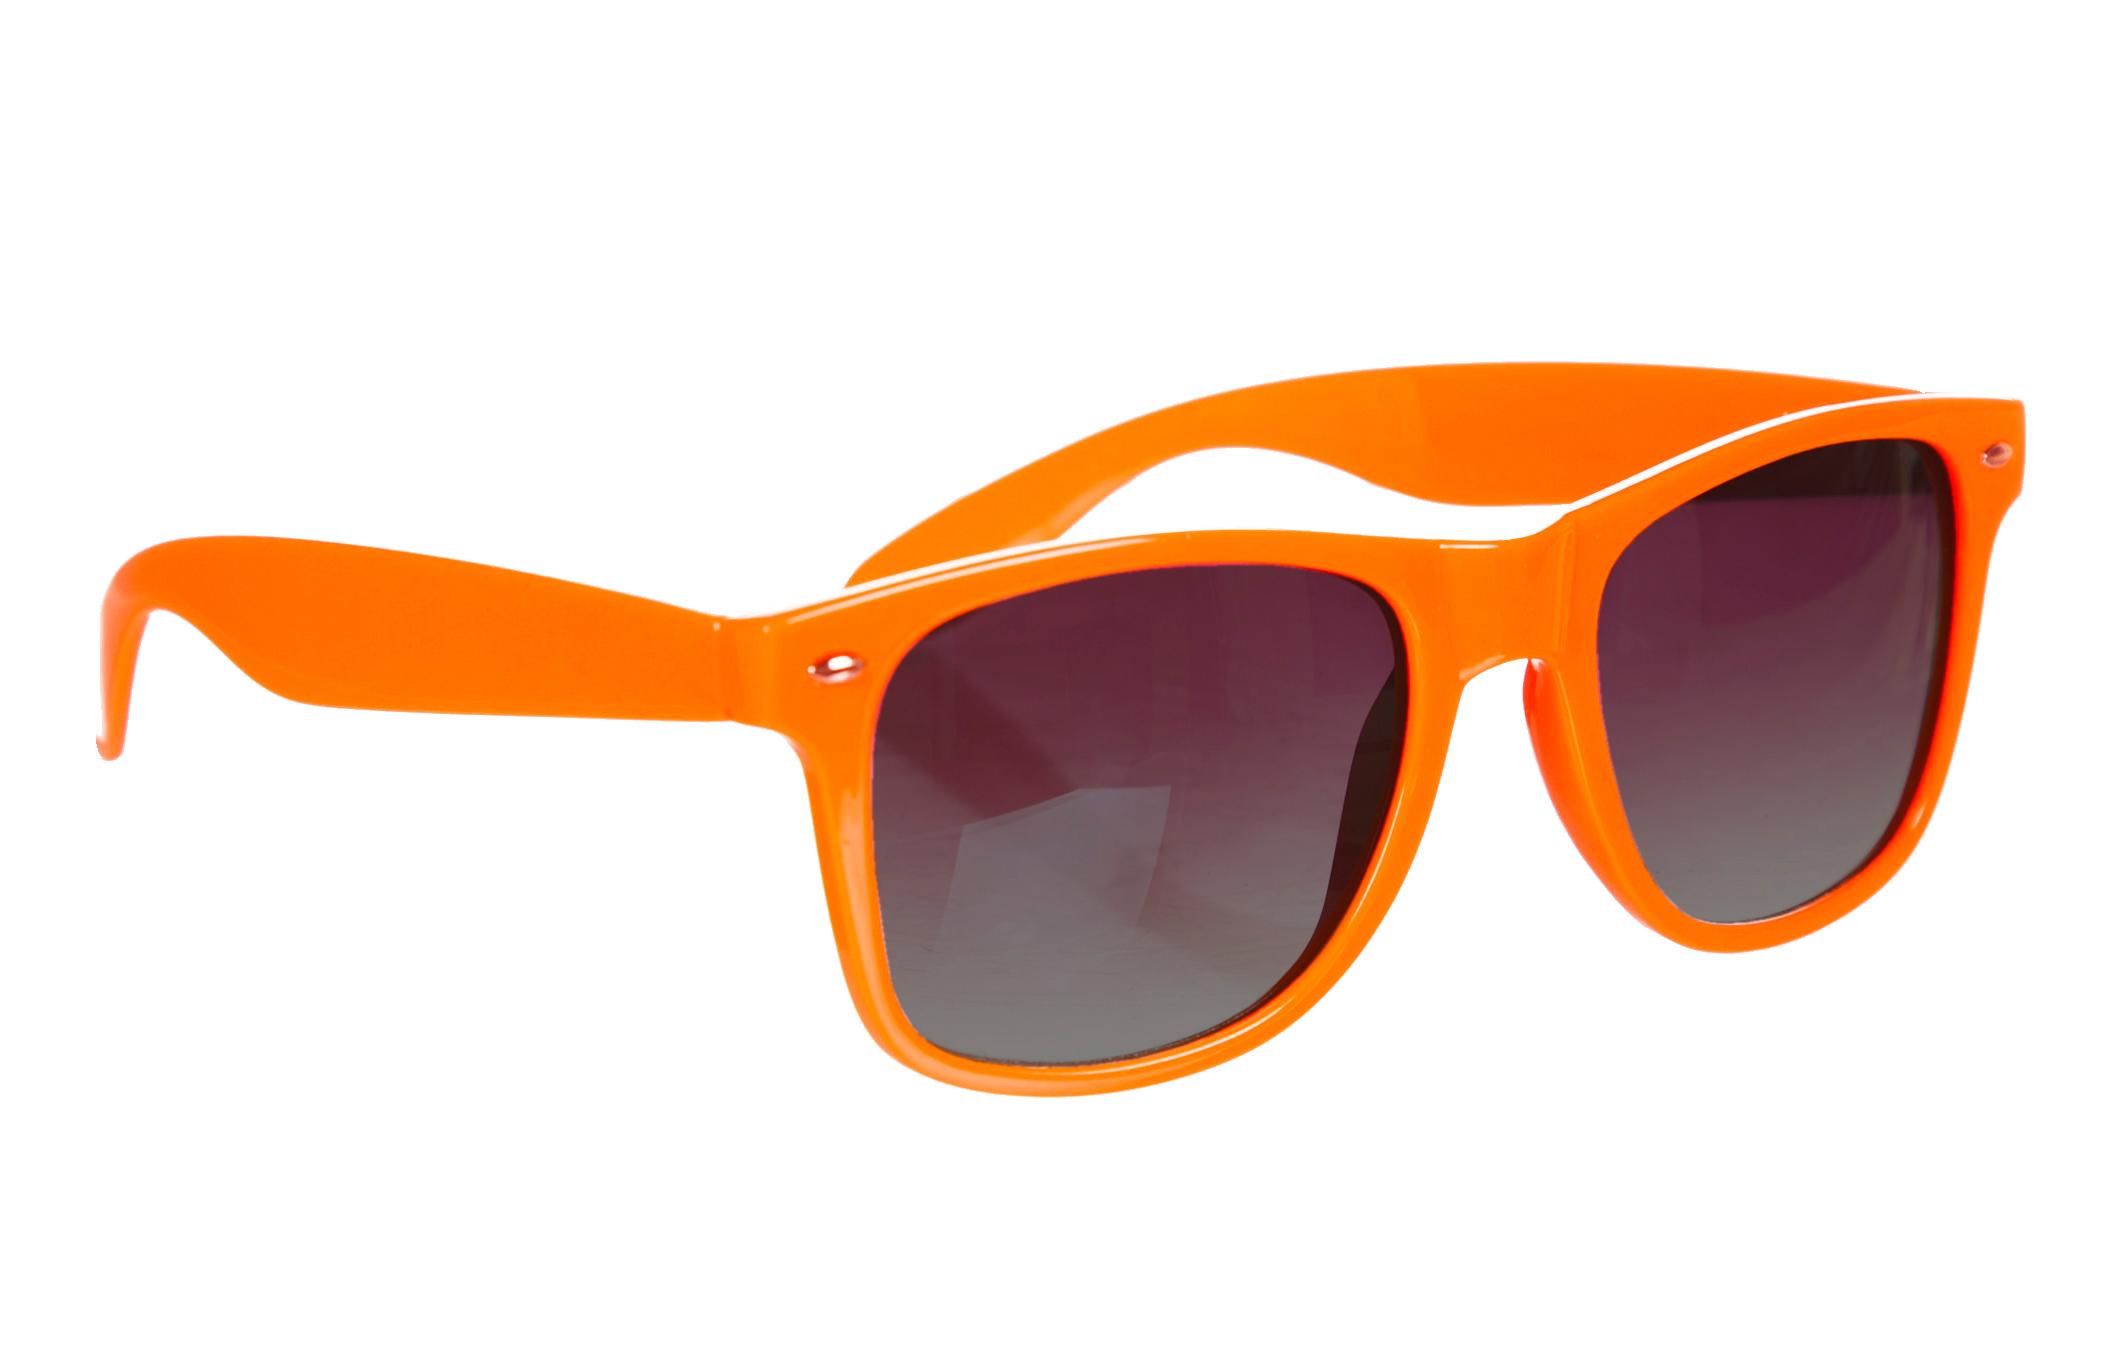 Sunglasses PNG - 4406